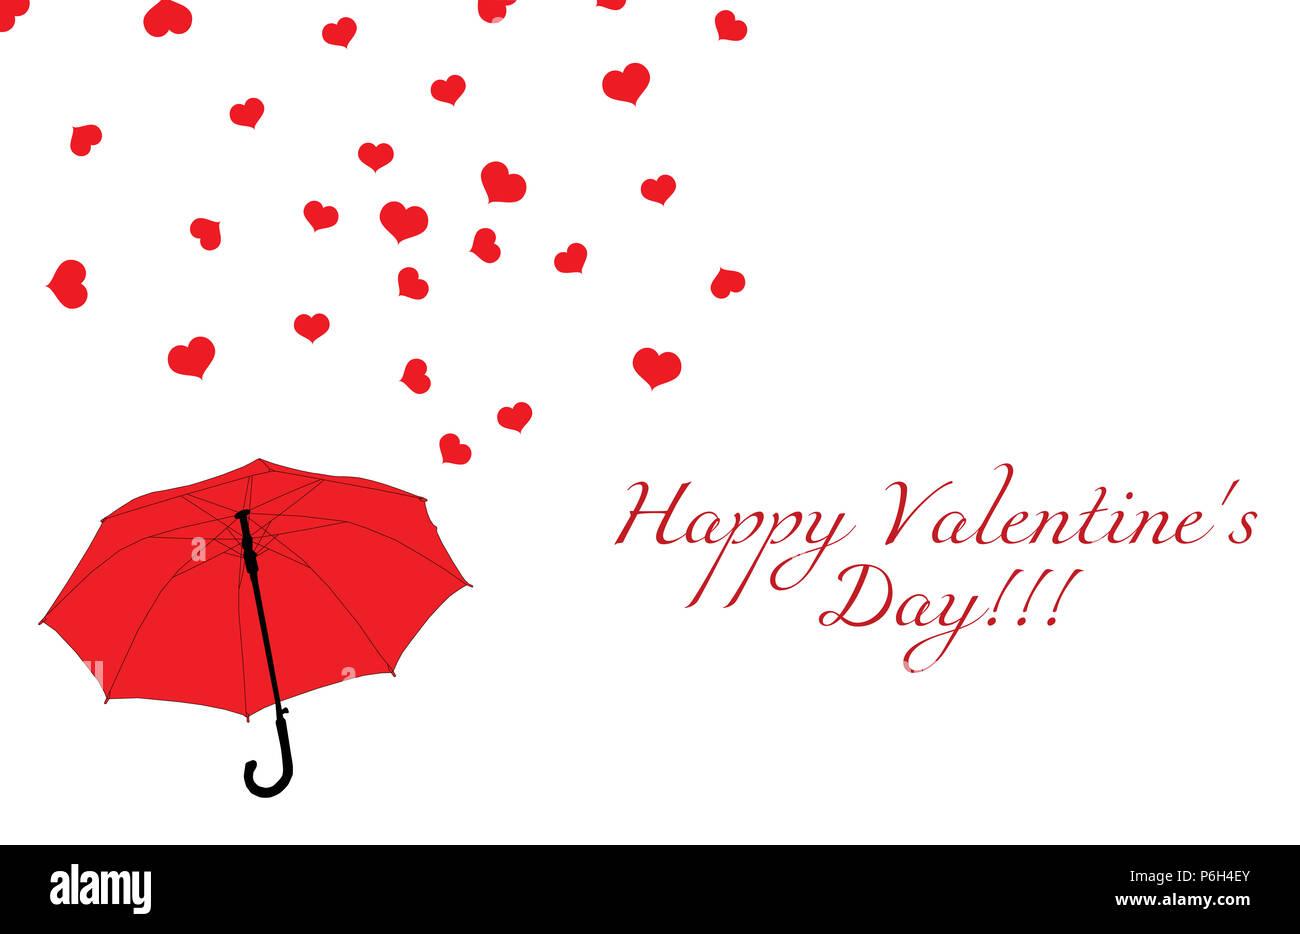 Sombrilla Roja Y Lluvia De Corazones Sobre Fondo Blanco Feliz Día